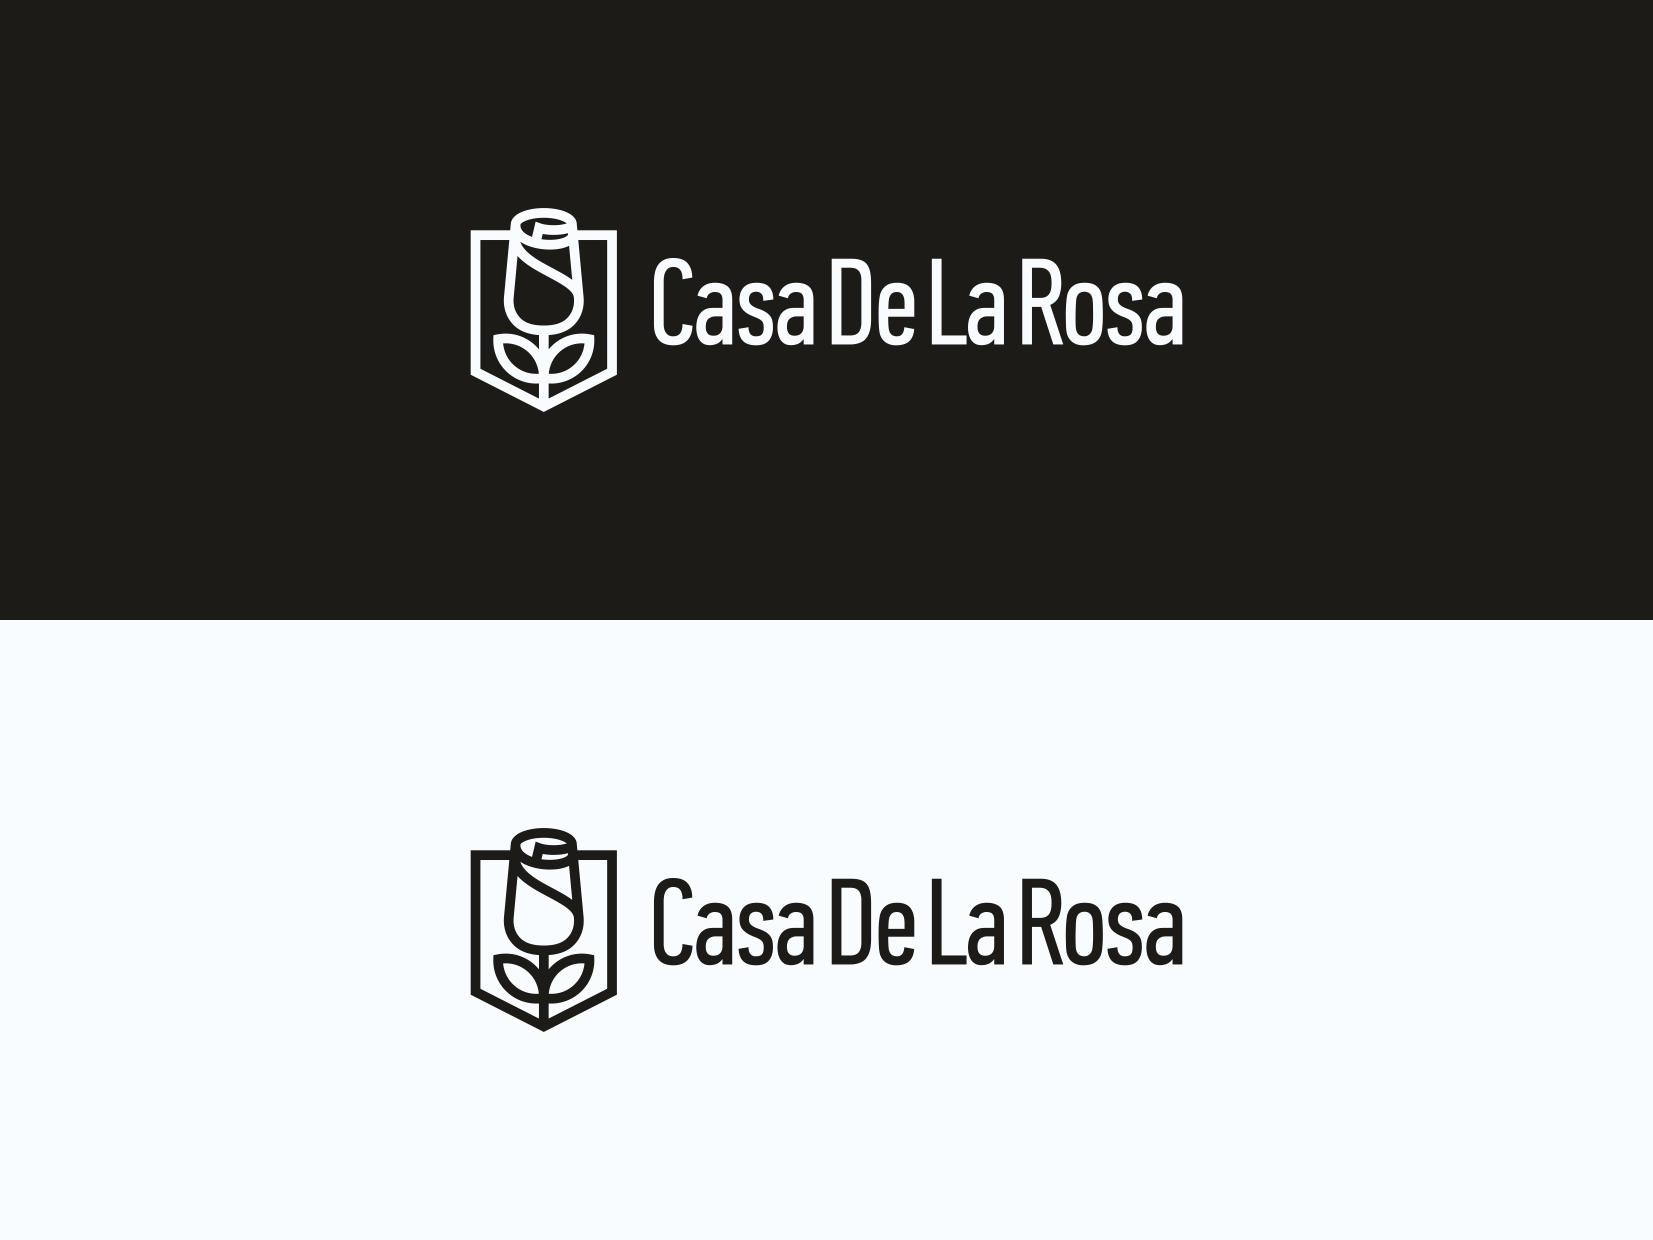 Логотип + Фирменный знак для элитного поселка Casa De La Rosa фото f_8275cd4736e9349c.png